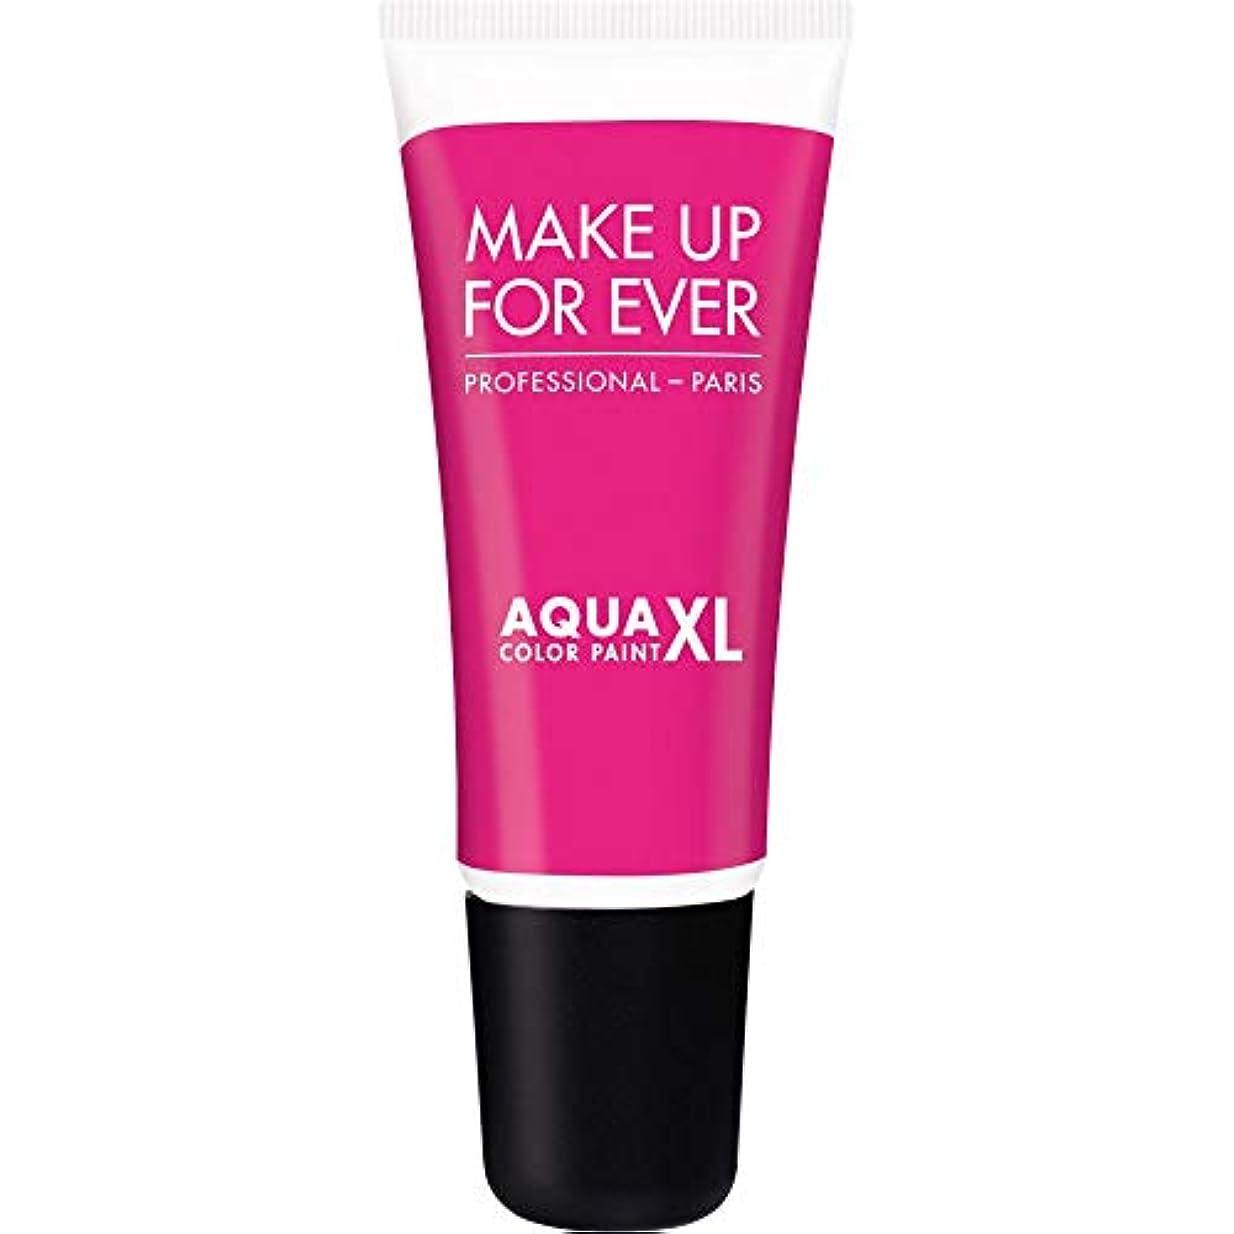 鎮静剤チャーター夫[MAKE UP FOR EVER] 防水アイシャドウ4.8ミリリットルのM-82 - - マットFuschia史上アクアXl色の塗料を補います - MAKE UP FOR EVER Aqua XL Color Paint...